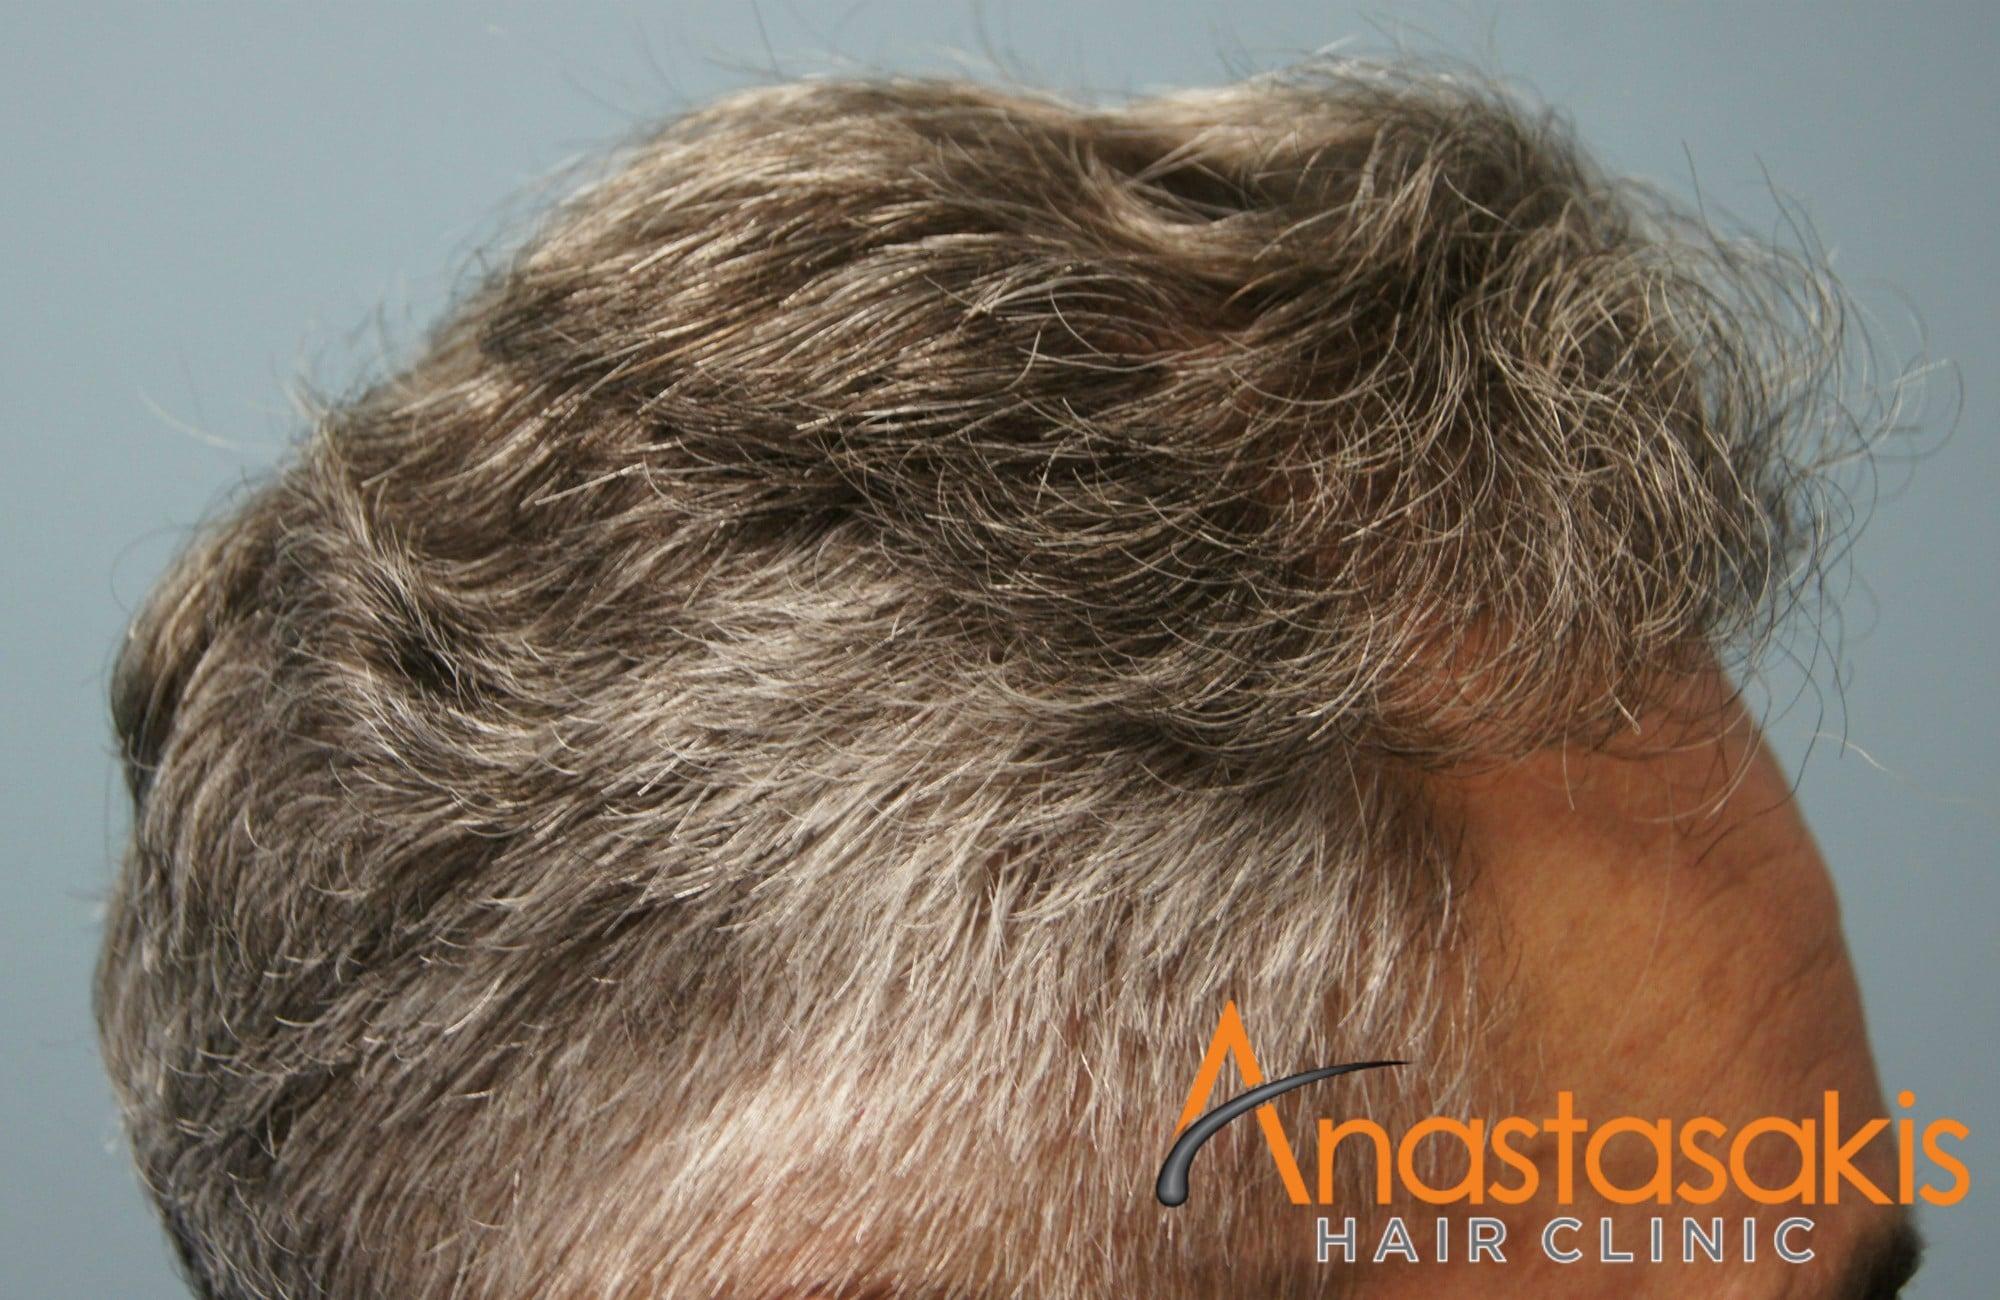 αριστερό προφίλ ασθενους μετά τη μεταμόσχευσή μαλλιών με 3500 fus